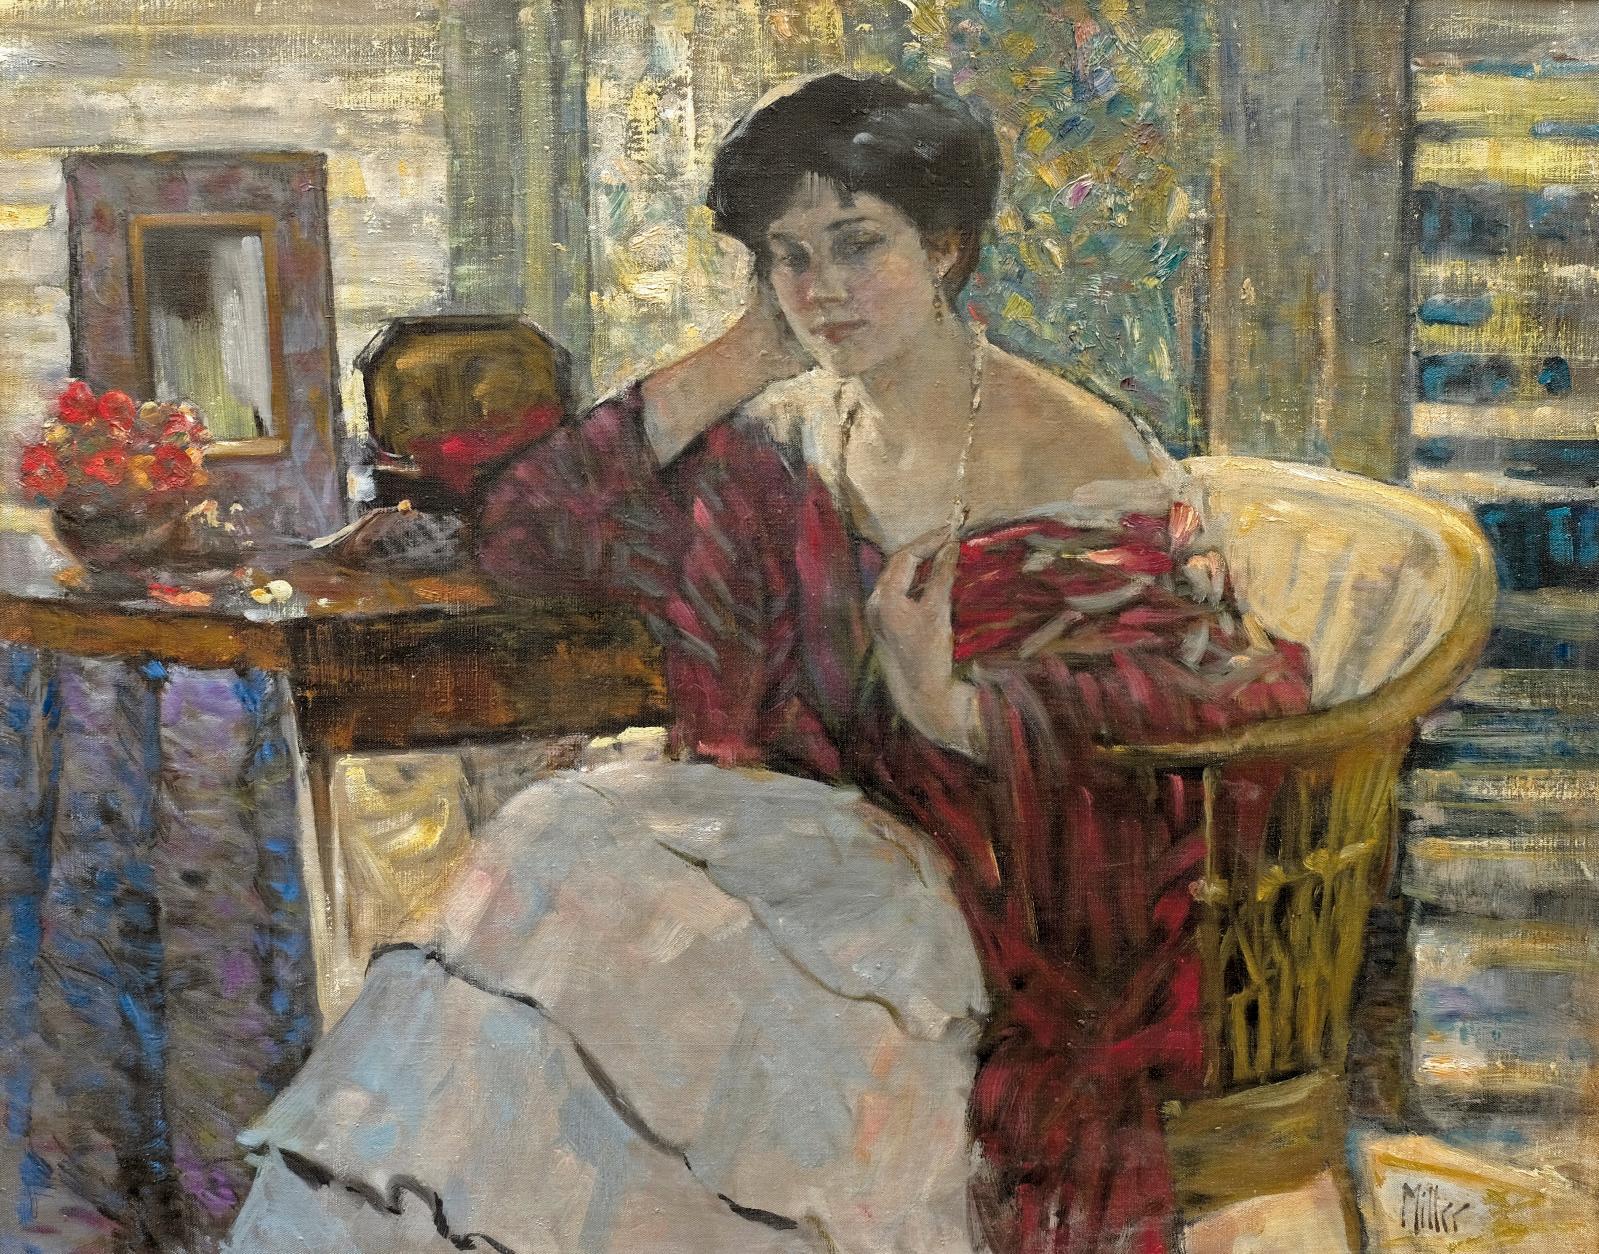 Richard Edward Miller (1875-1943), Jeune femme au collier, huile sur toile, 73x92cm. Adjugé: 126880€